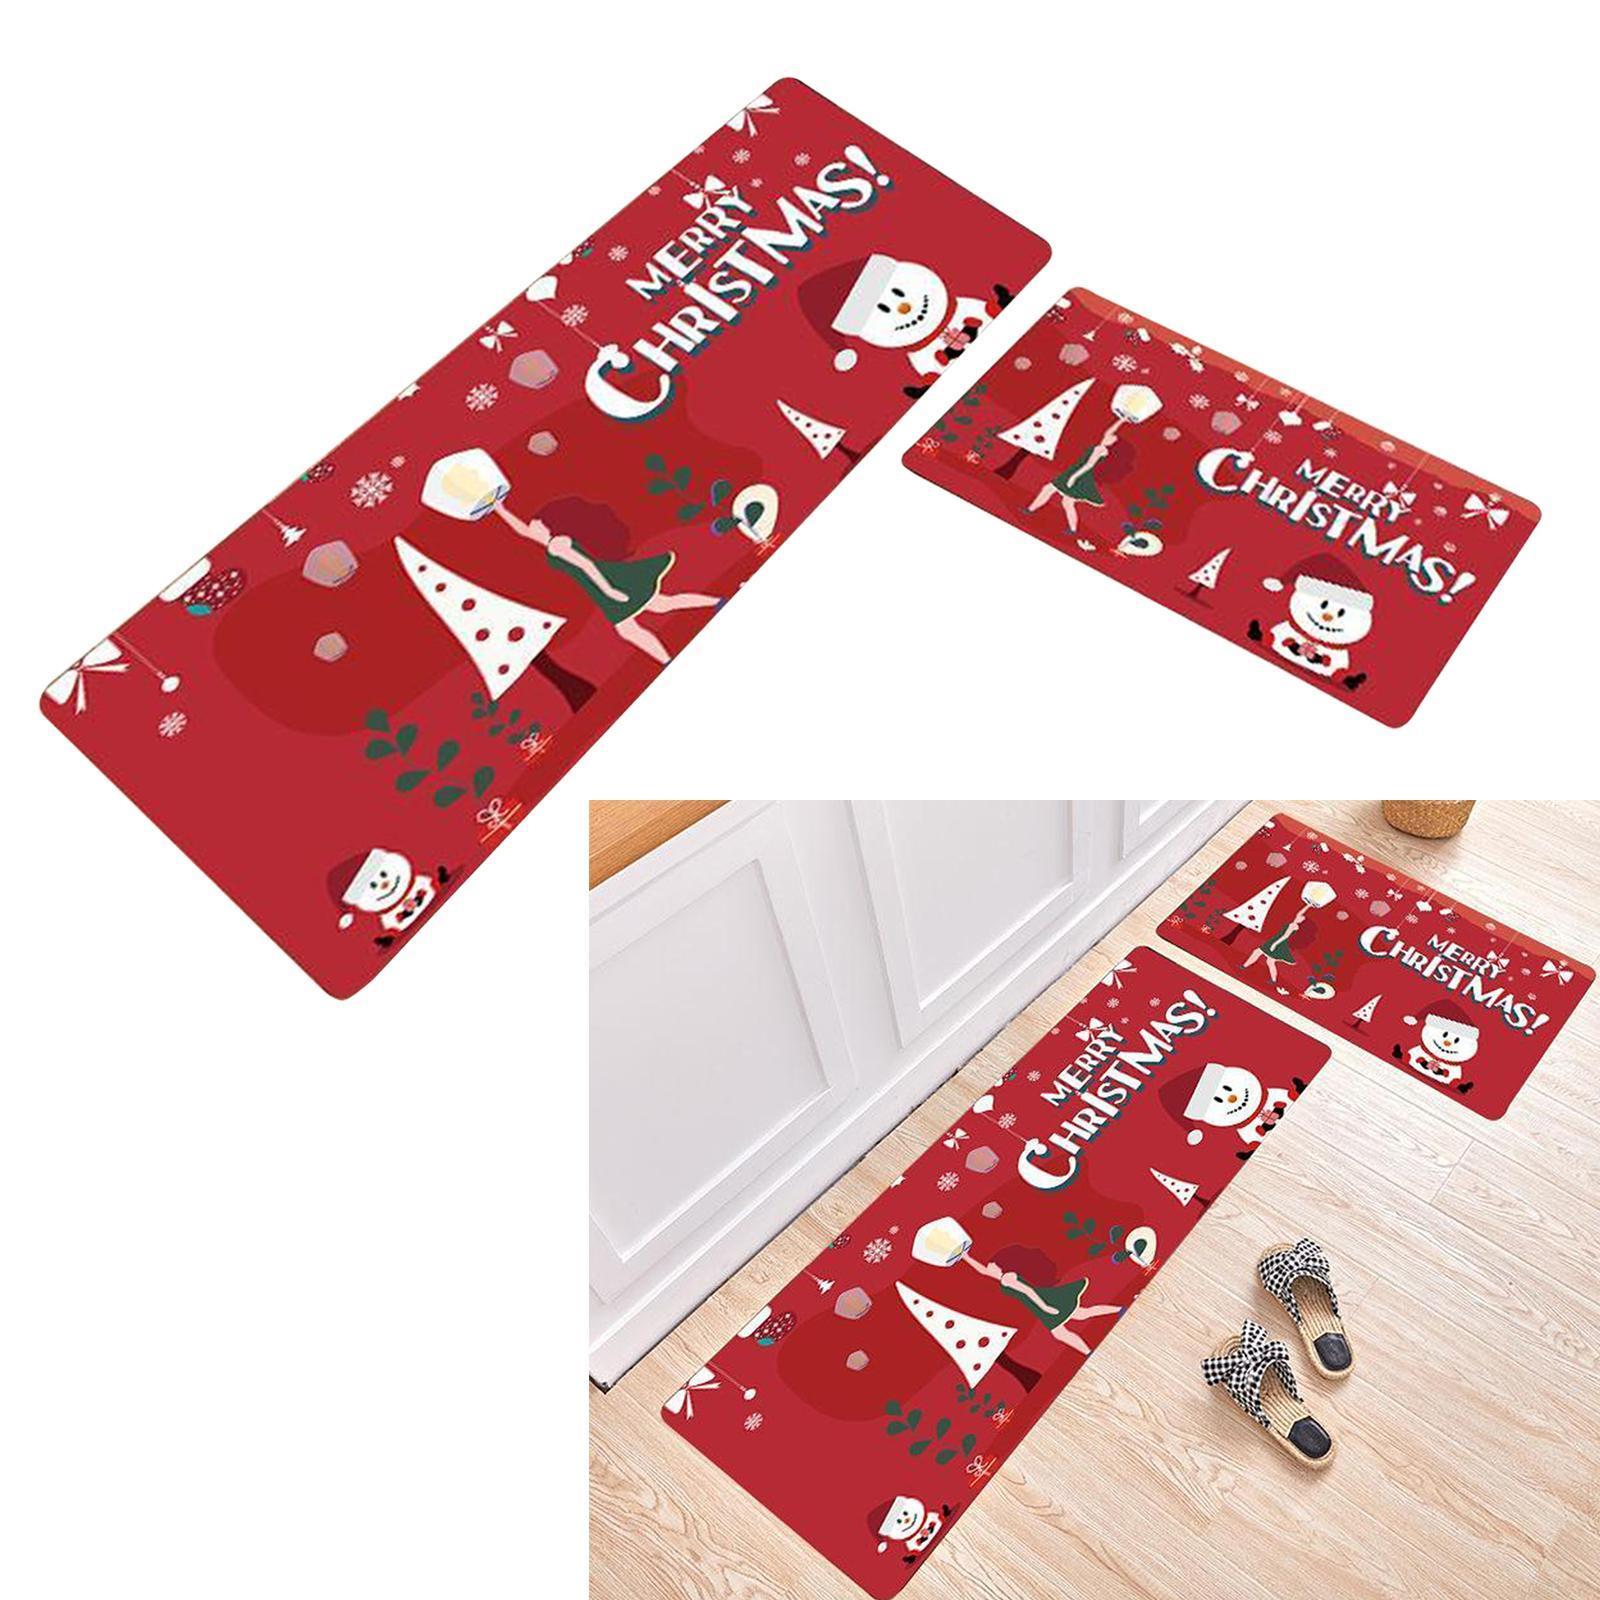 Zerbino-antiscivolo-tappeti-da-cucina-per-la-casa-ingresso-bagno-tappeto miniatura 3